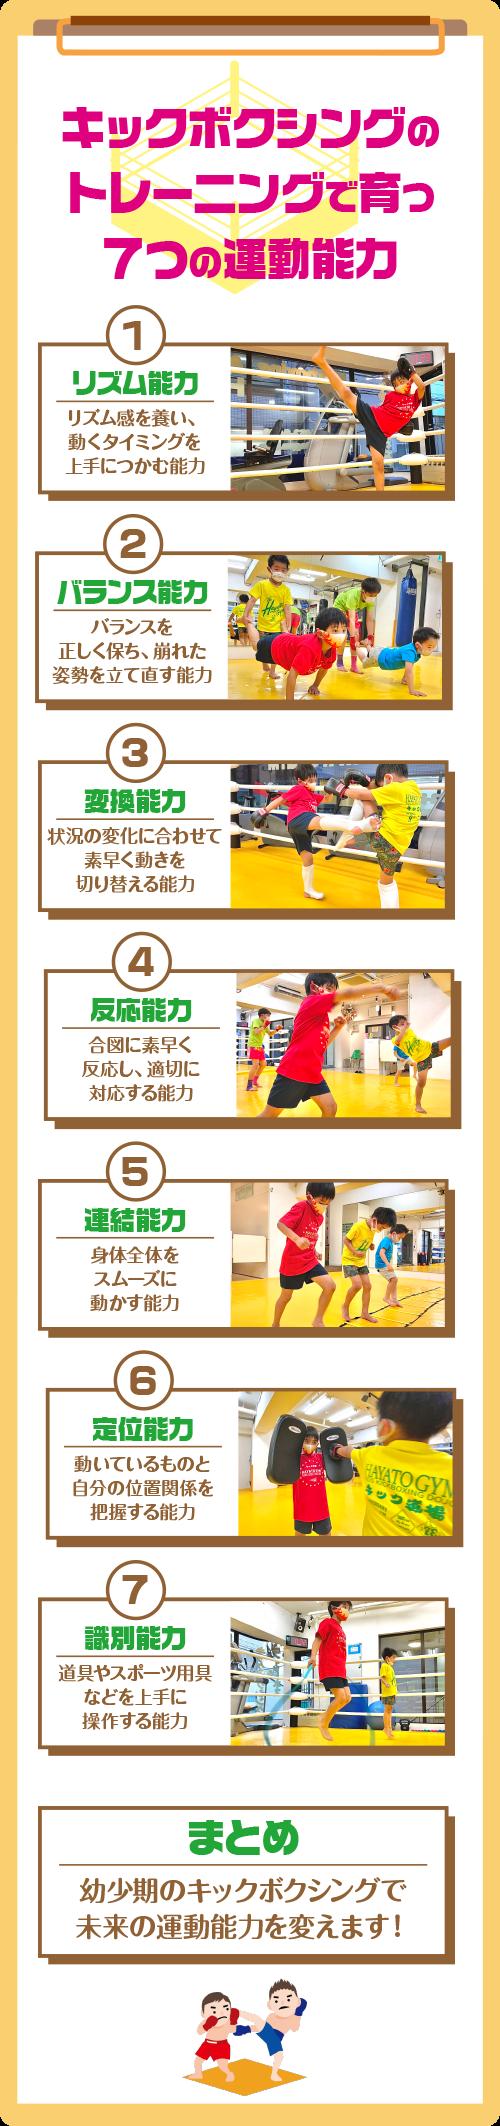 キックボクシングのトレーニングで育つ7つの運動能力